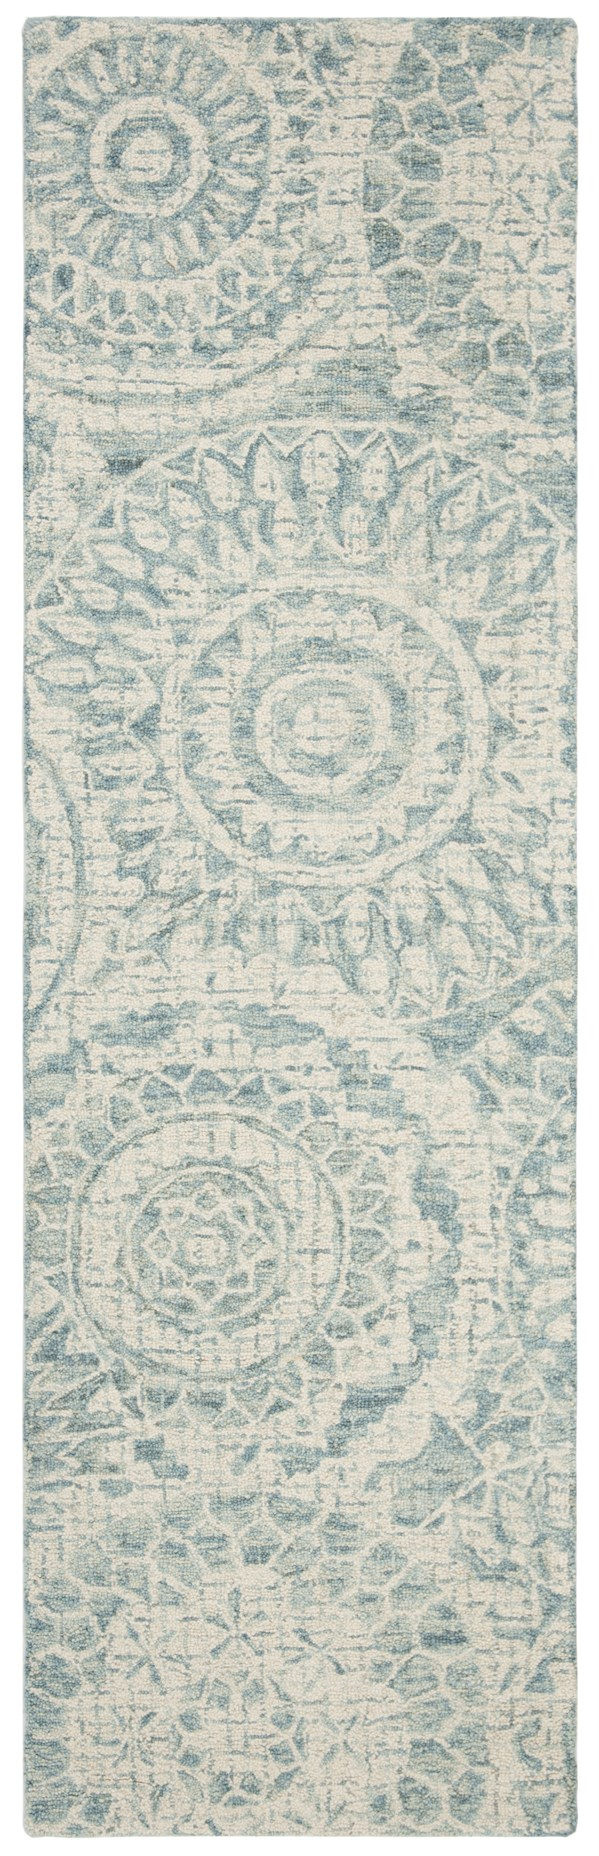 Ivory, Blue (A) Mandala Area Rug